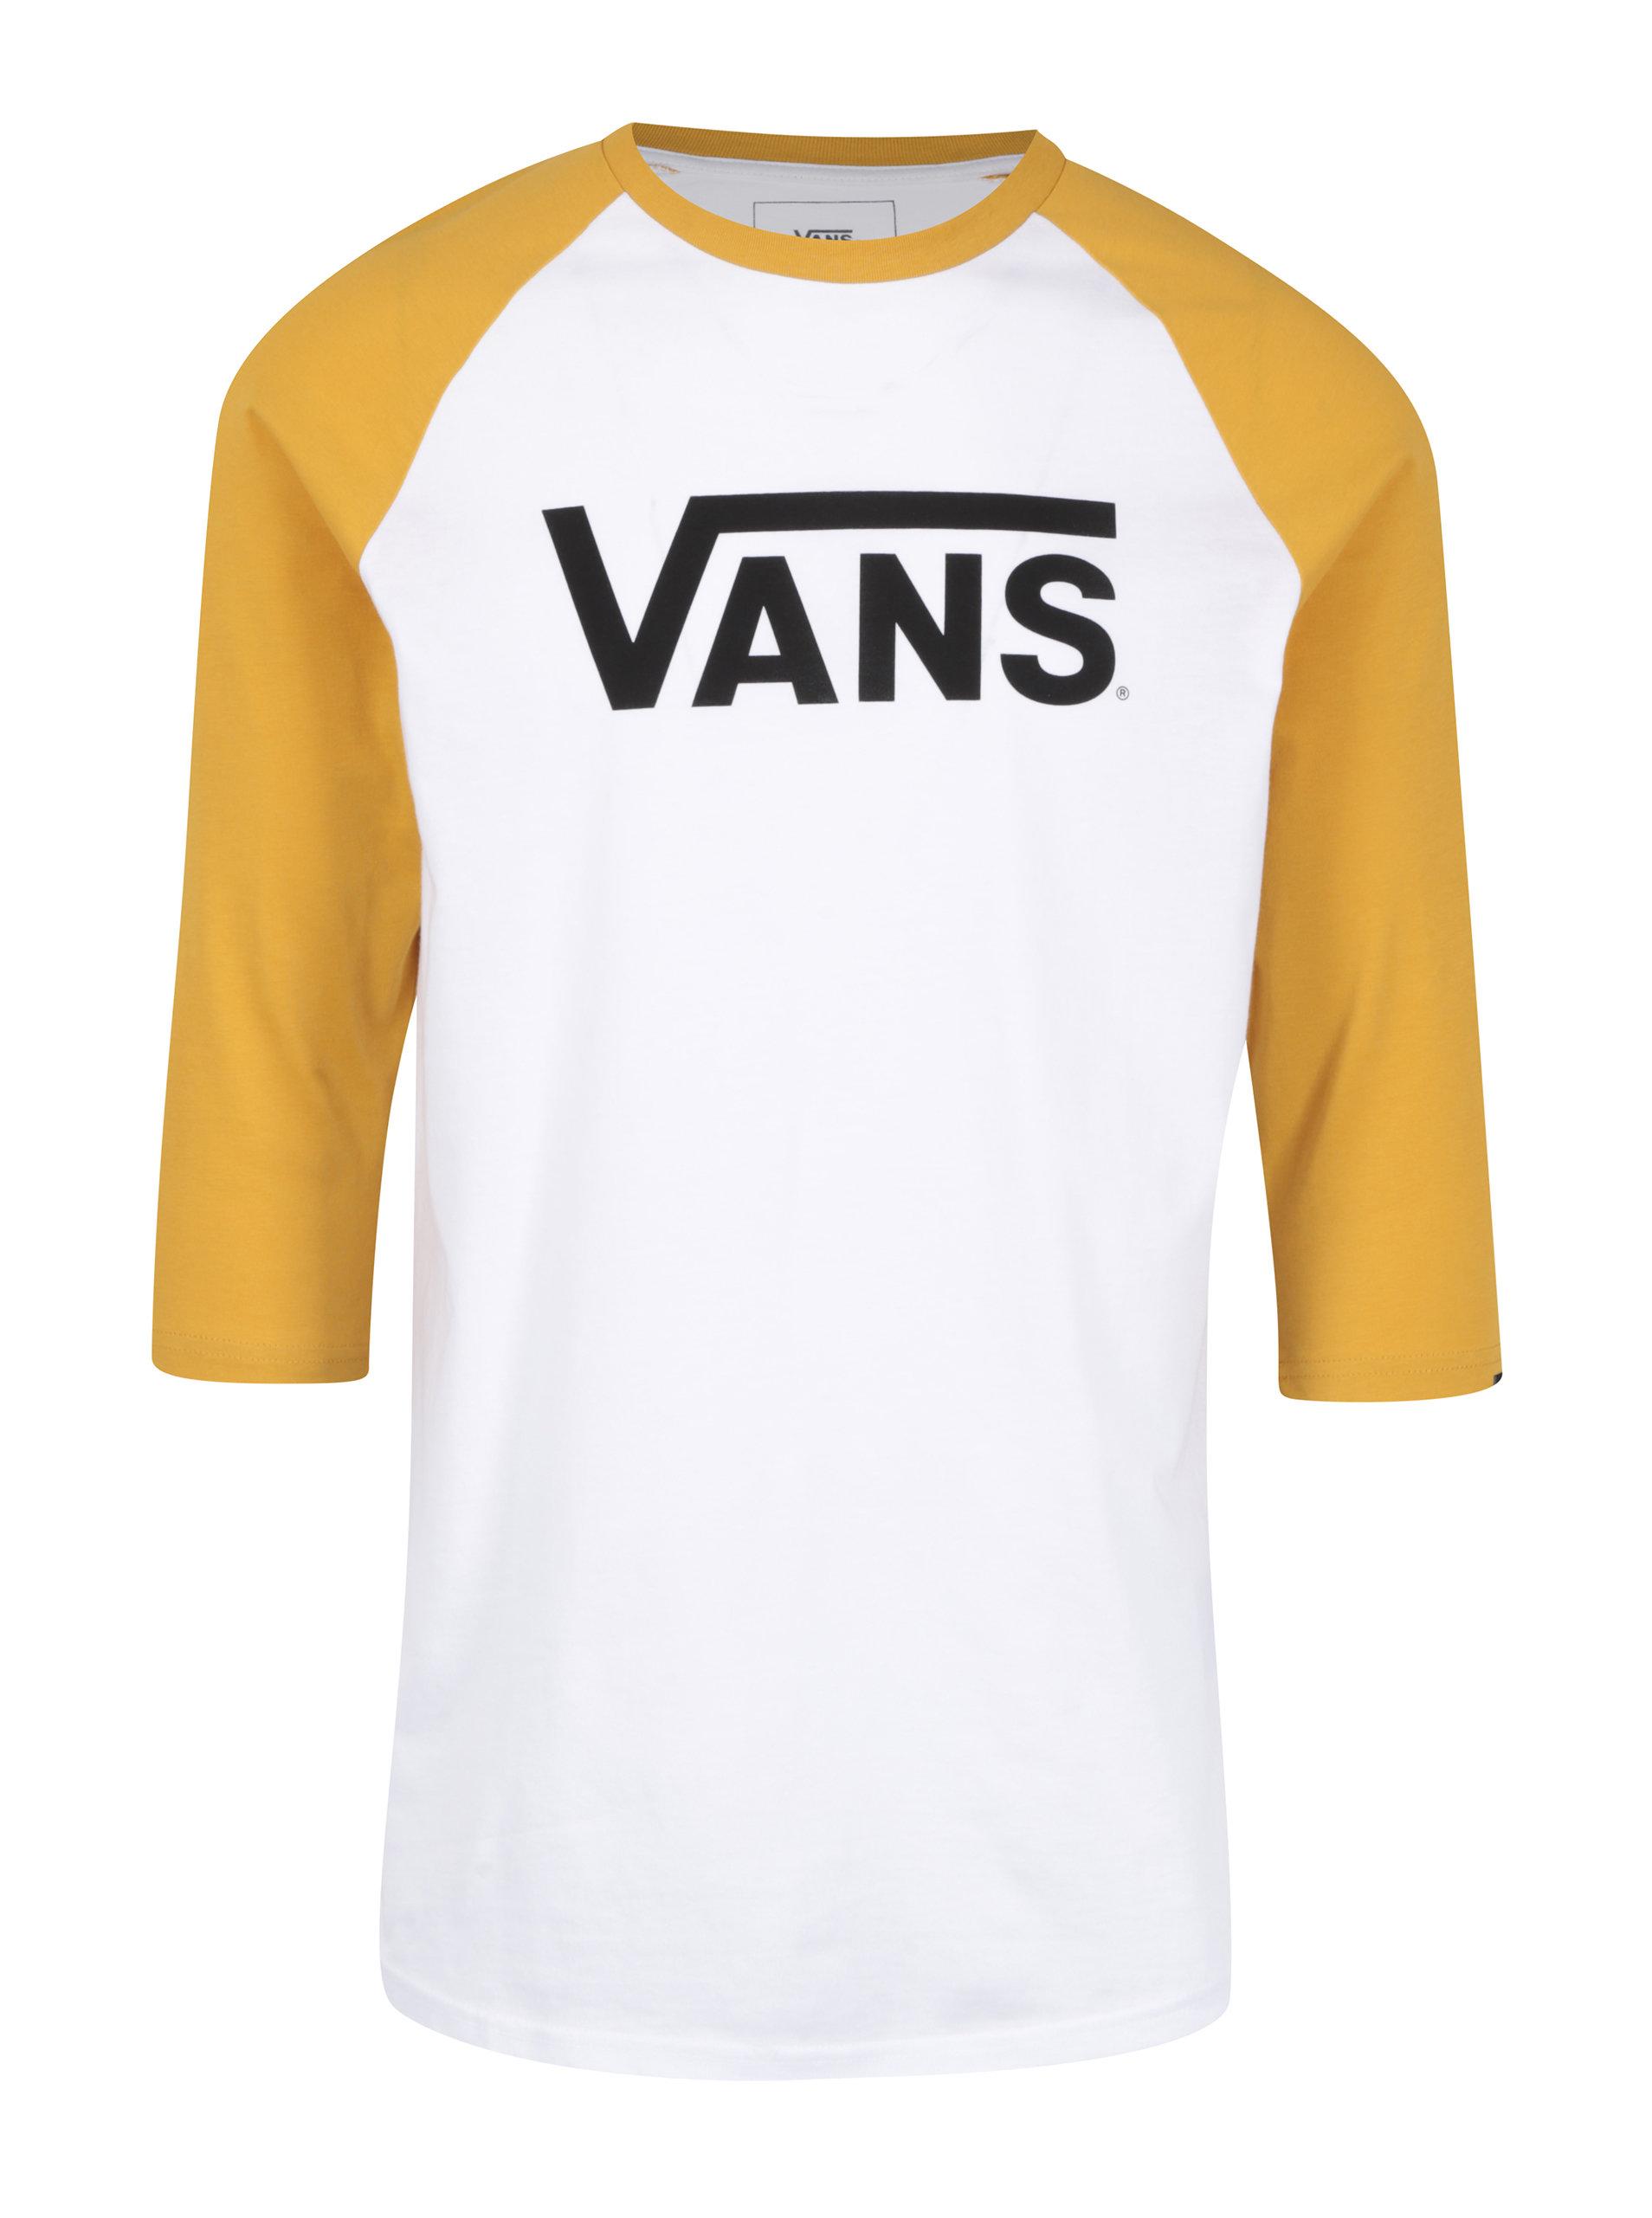 Žlto–biele pánske tričko s 3 4 rukávom VANS Classic ... c08742a0777